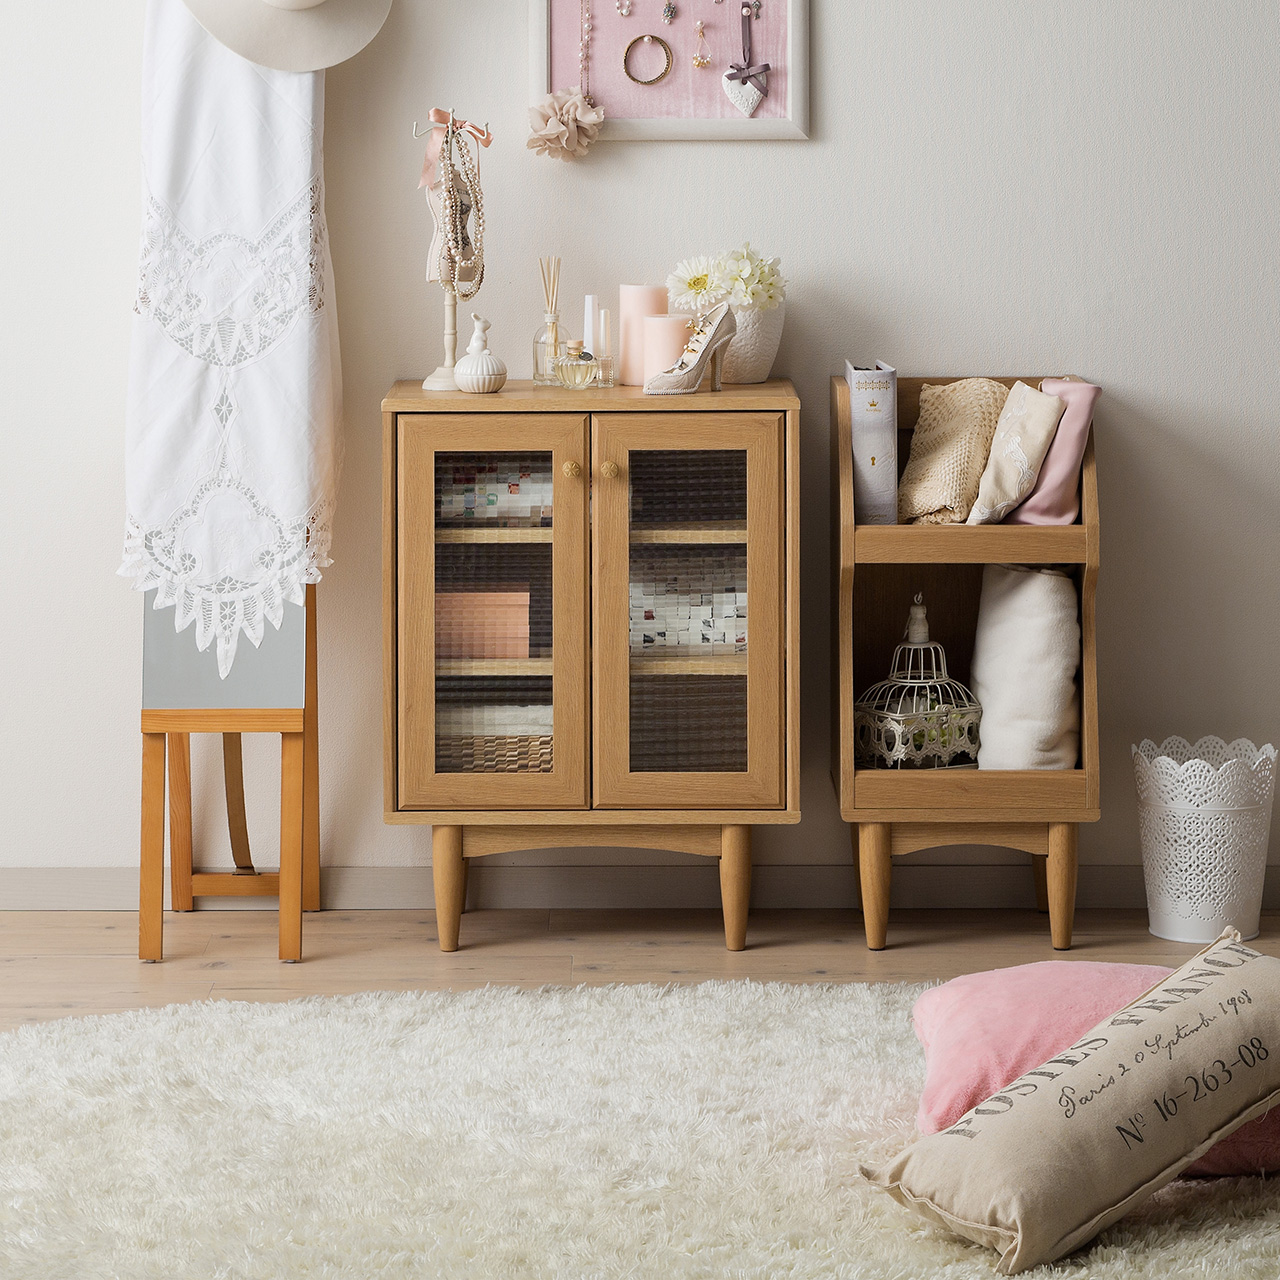 【無料サンプリング】ナチュラル家具でほっこり♡「ほこほこ」家具シリーズで癒やされたい方募集!